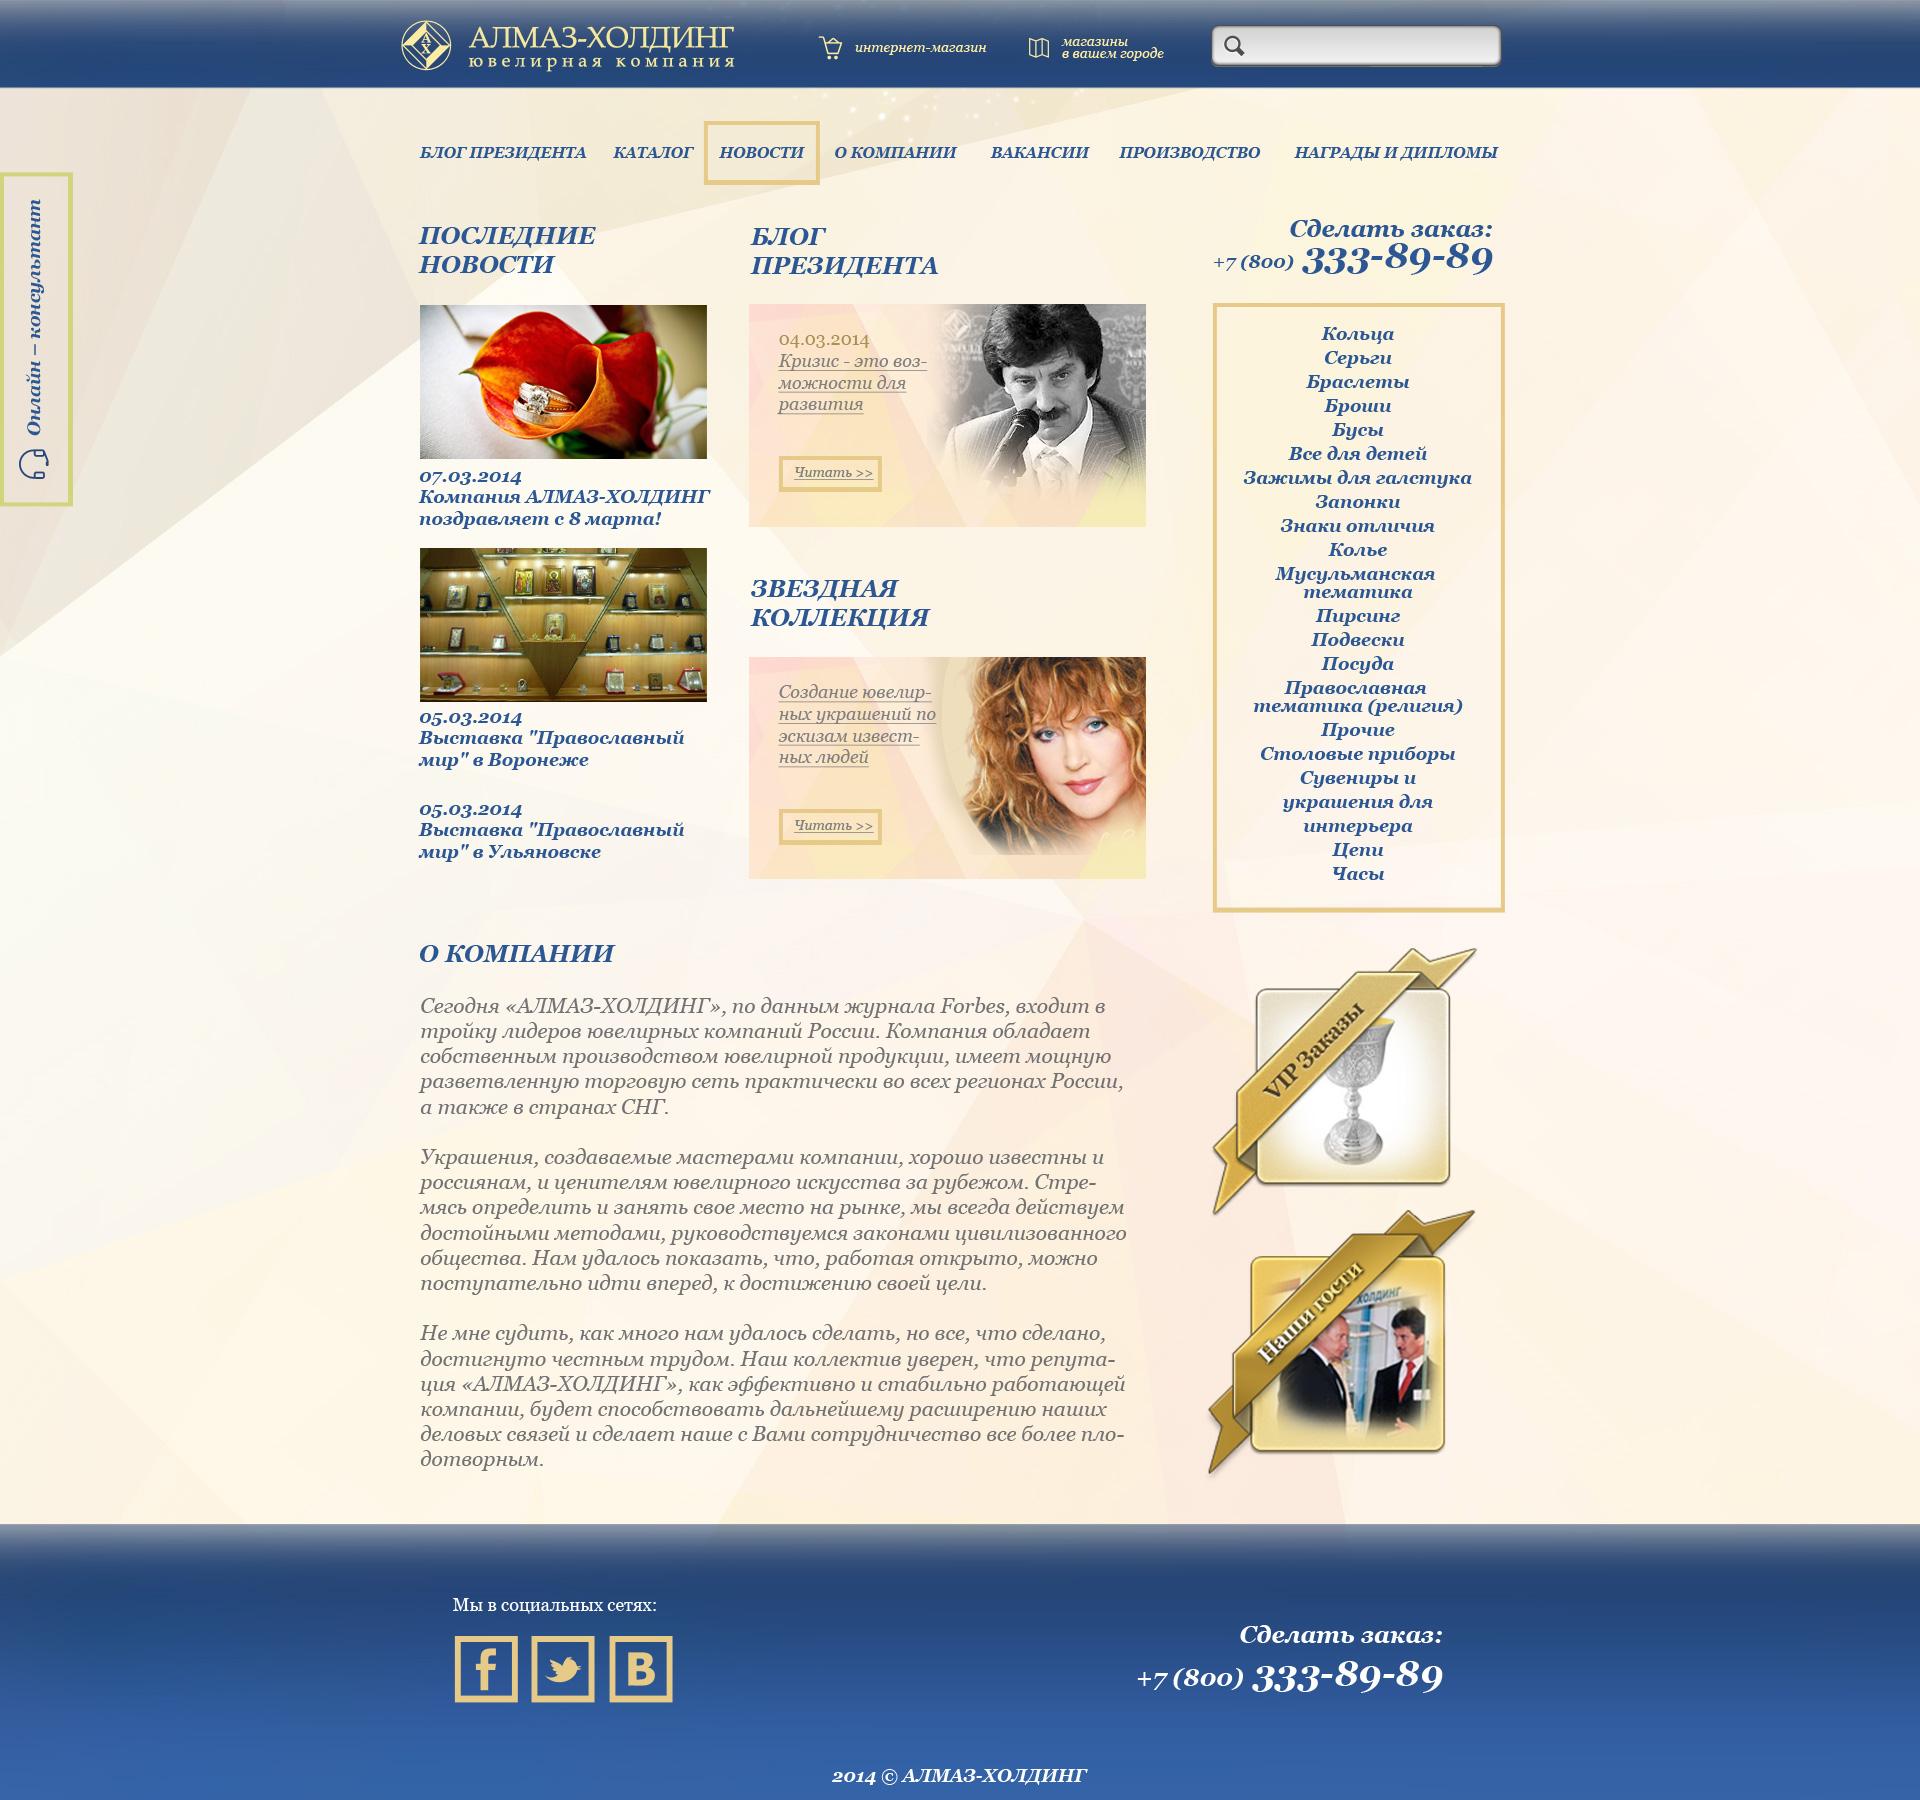 Дизайн сайта для ювелирной компании Алмаз-Холдинг фото f_821531a1d243498a.jpg